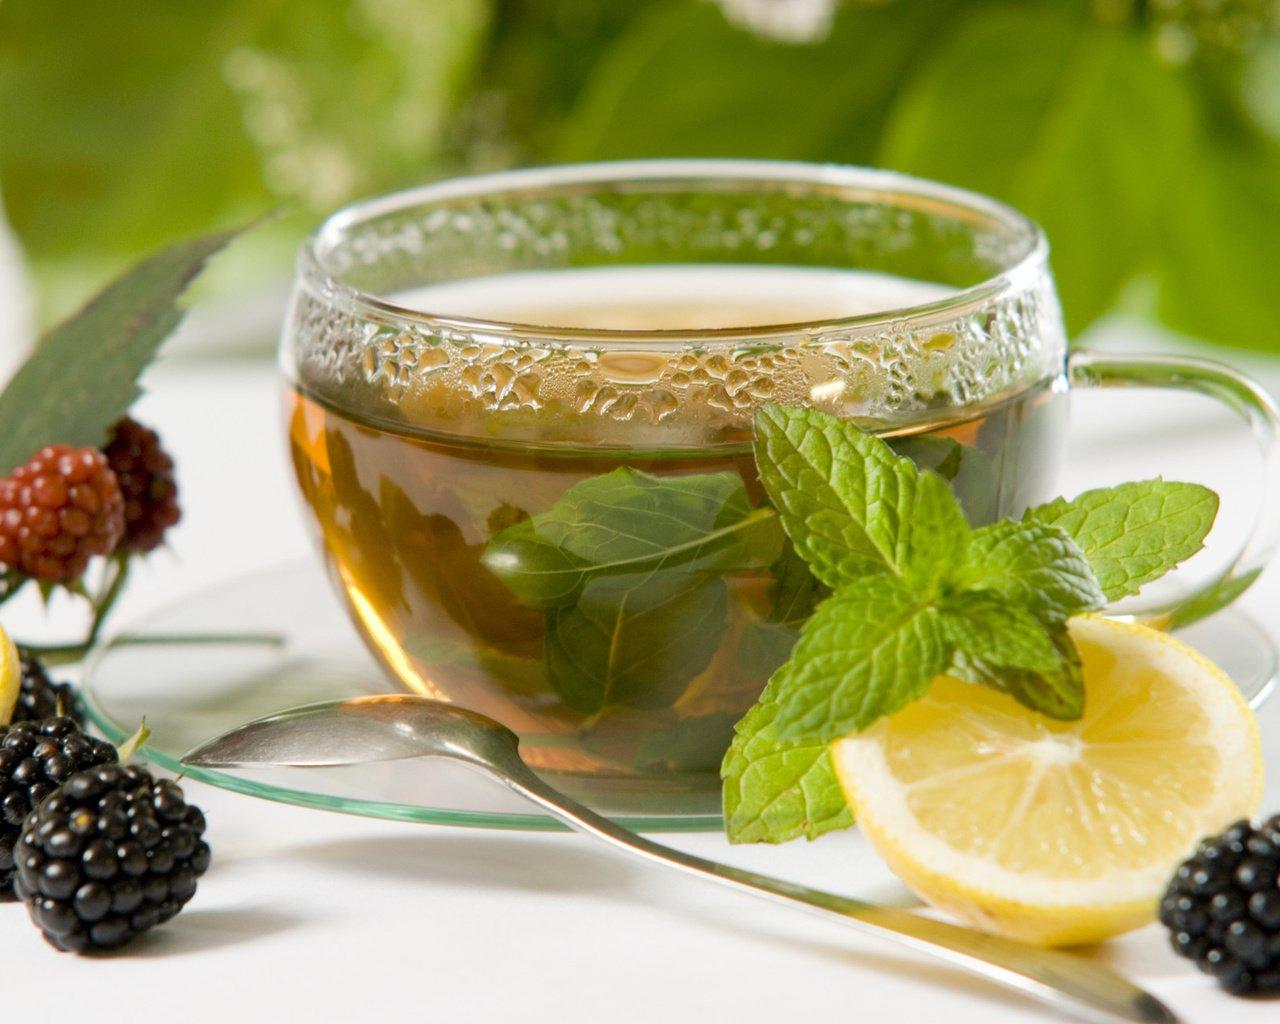 еда чай лимон мята eda tea lemon flicking  № 676122 бесплатно